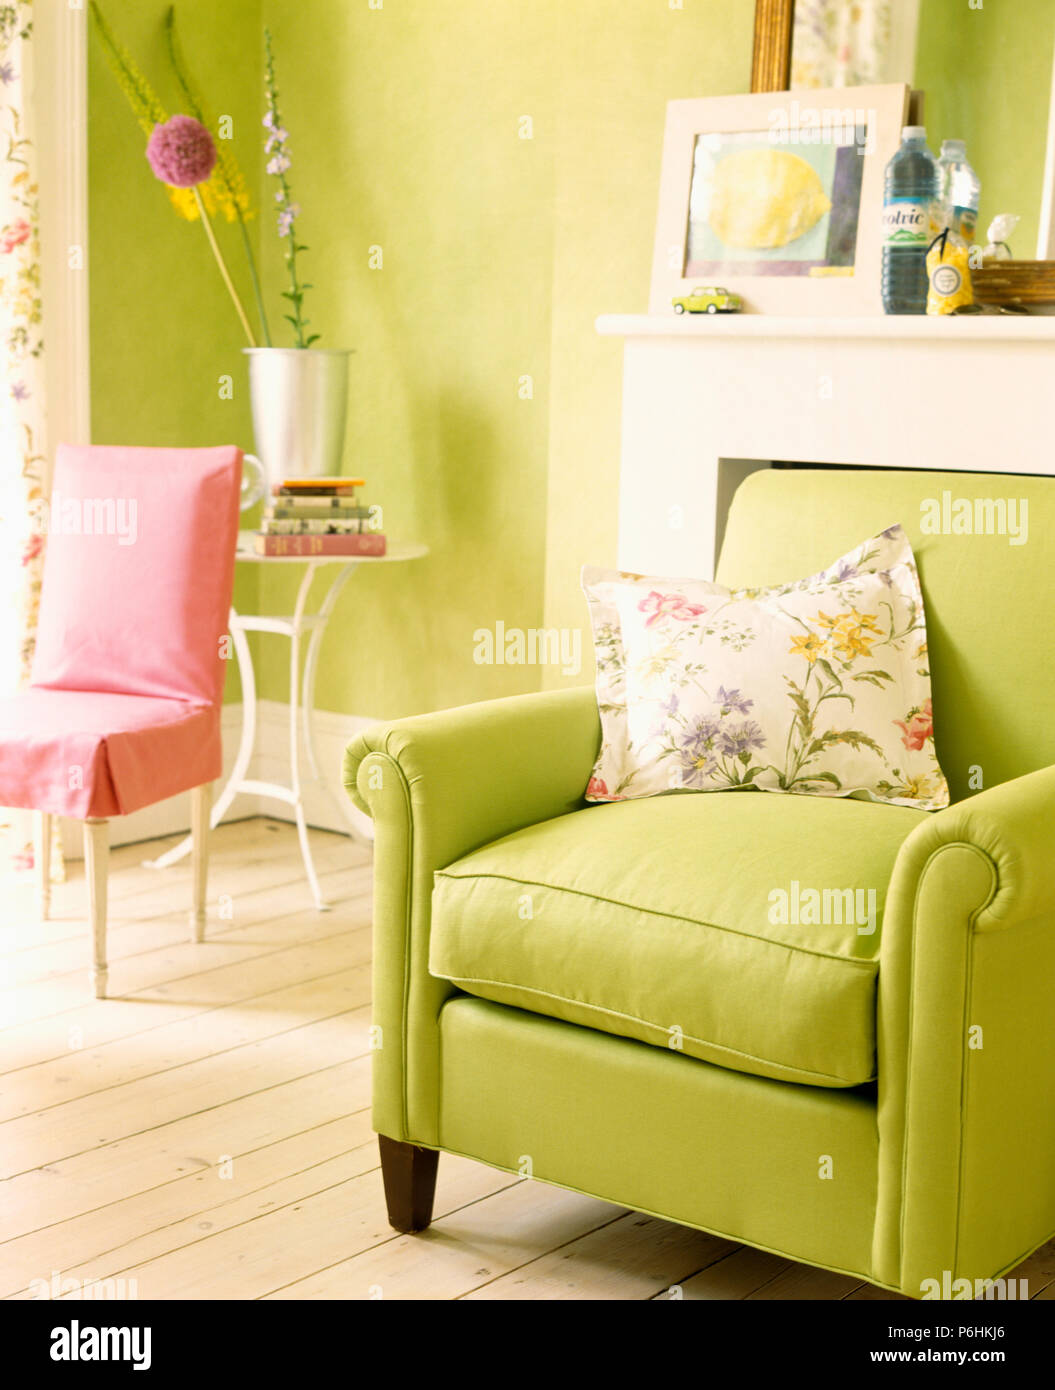 Kissen Mit Blumenmuster Auf Lime Grunen Sessel In Pale Lime Grunen